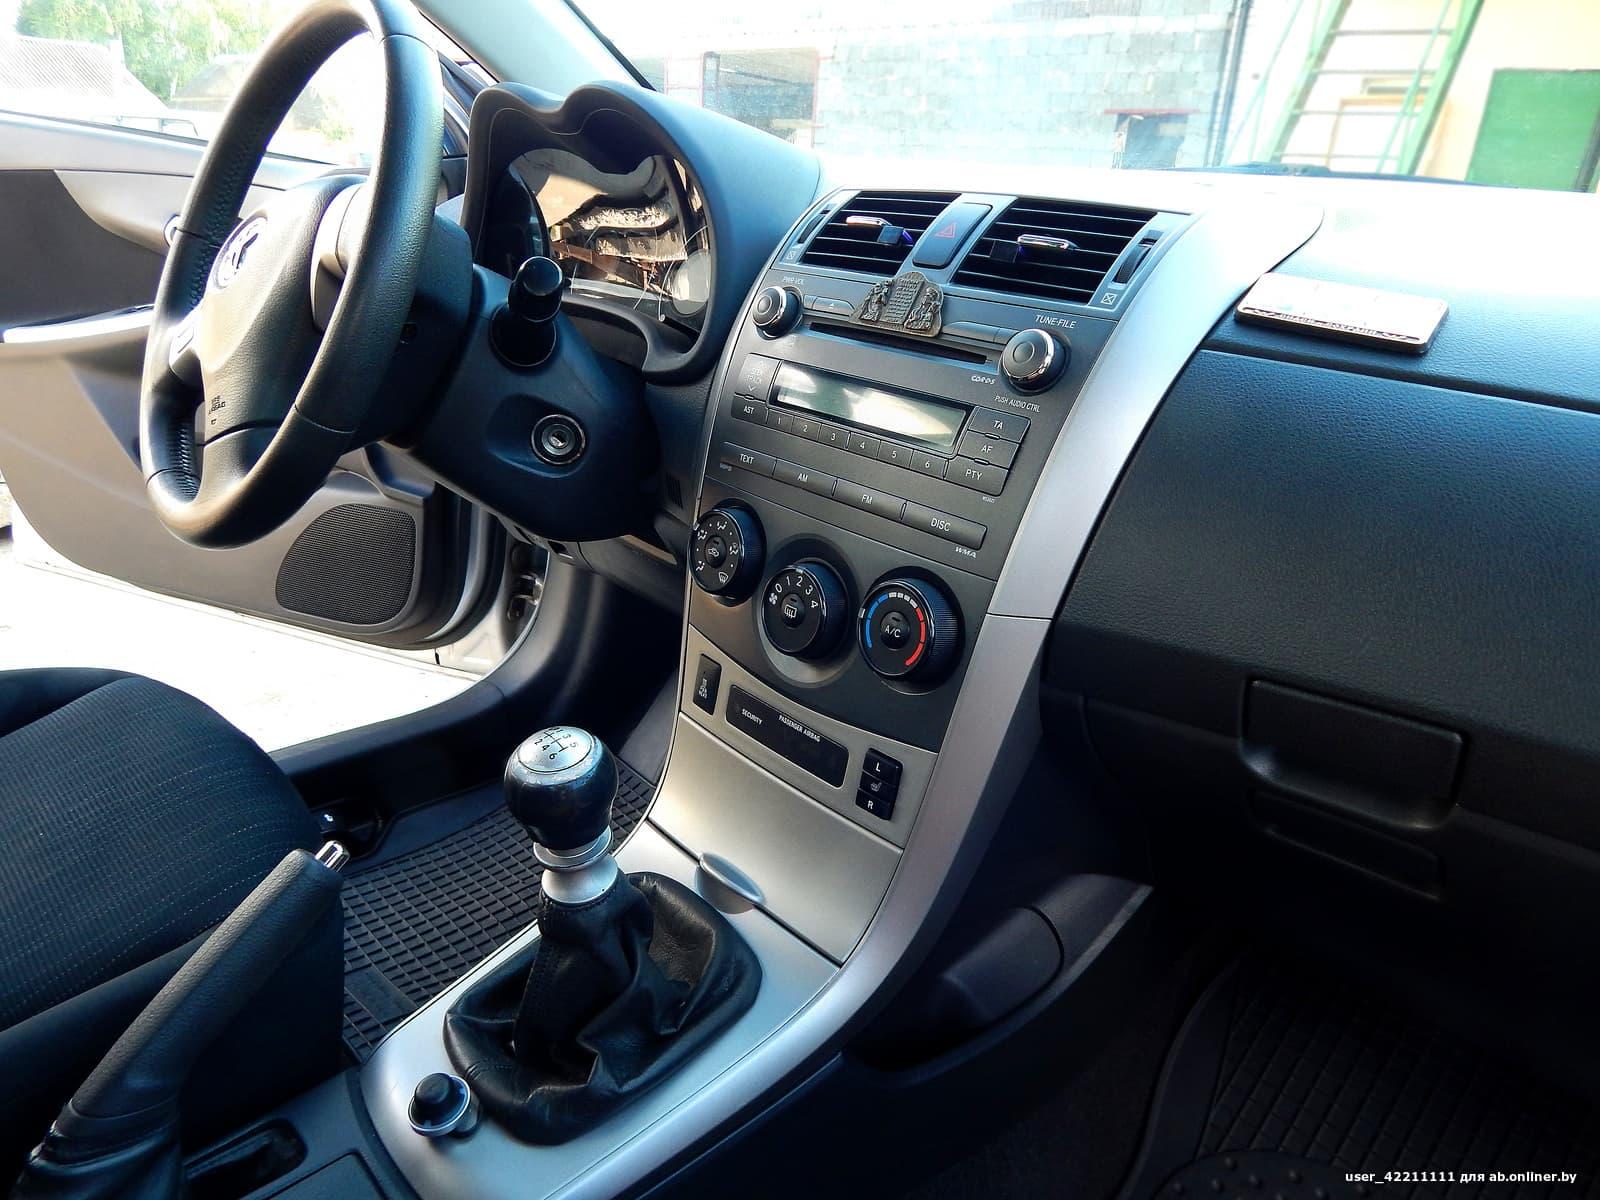 Toyota Corolla comfort